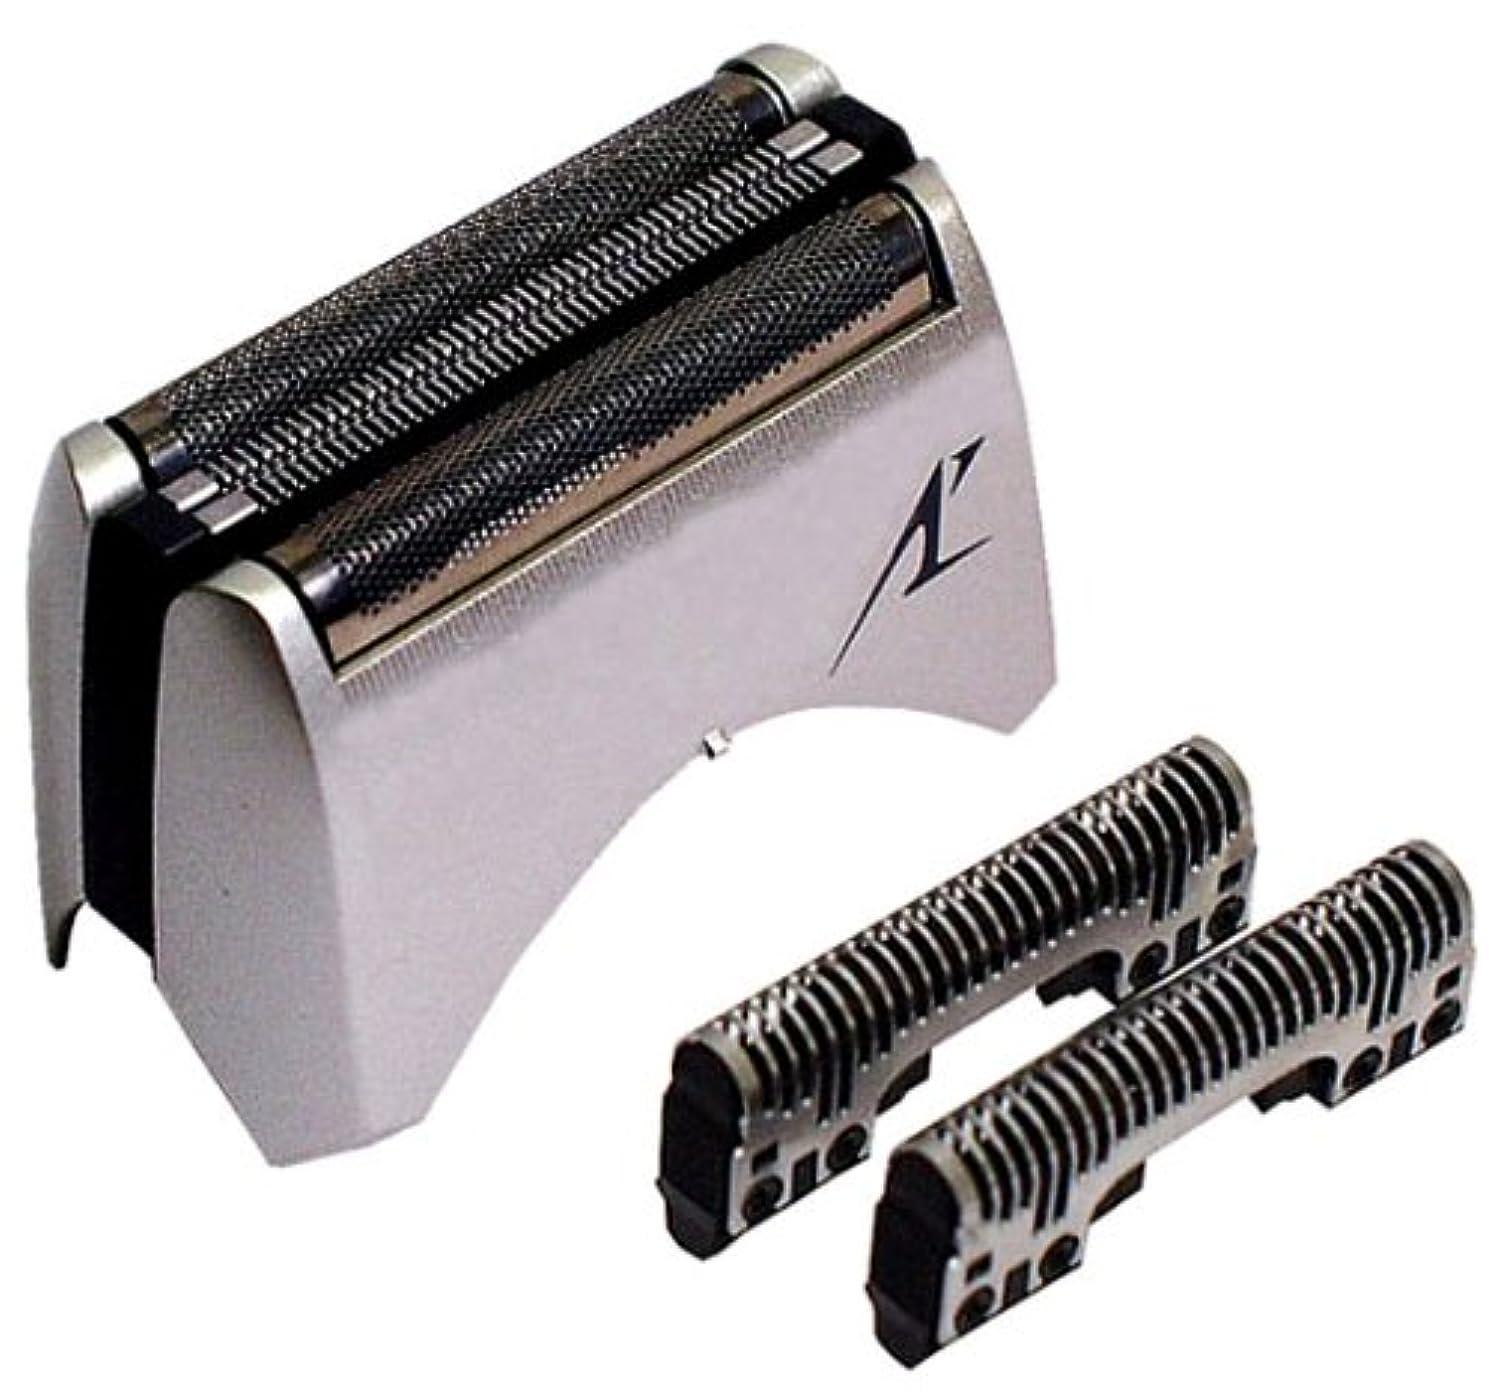 あいまいな優れた話パナソニック 替刃 メンズシェーバー用 セット刃 ES9006